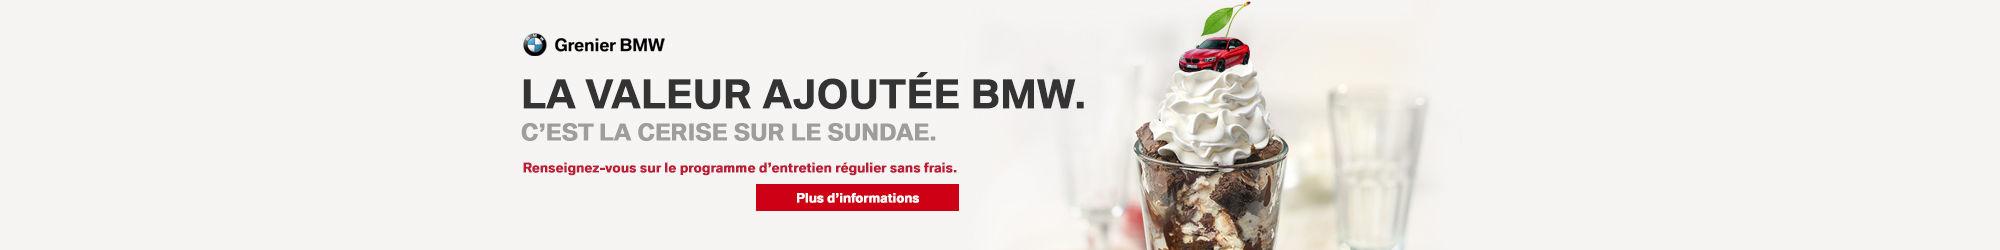 Valeur ajoutée Grenier BMW